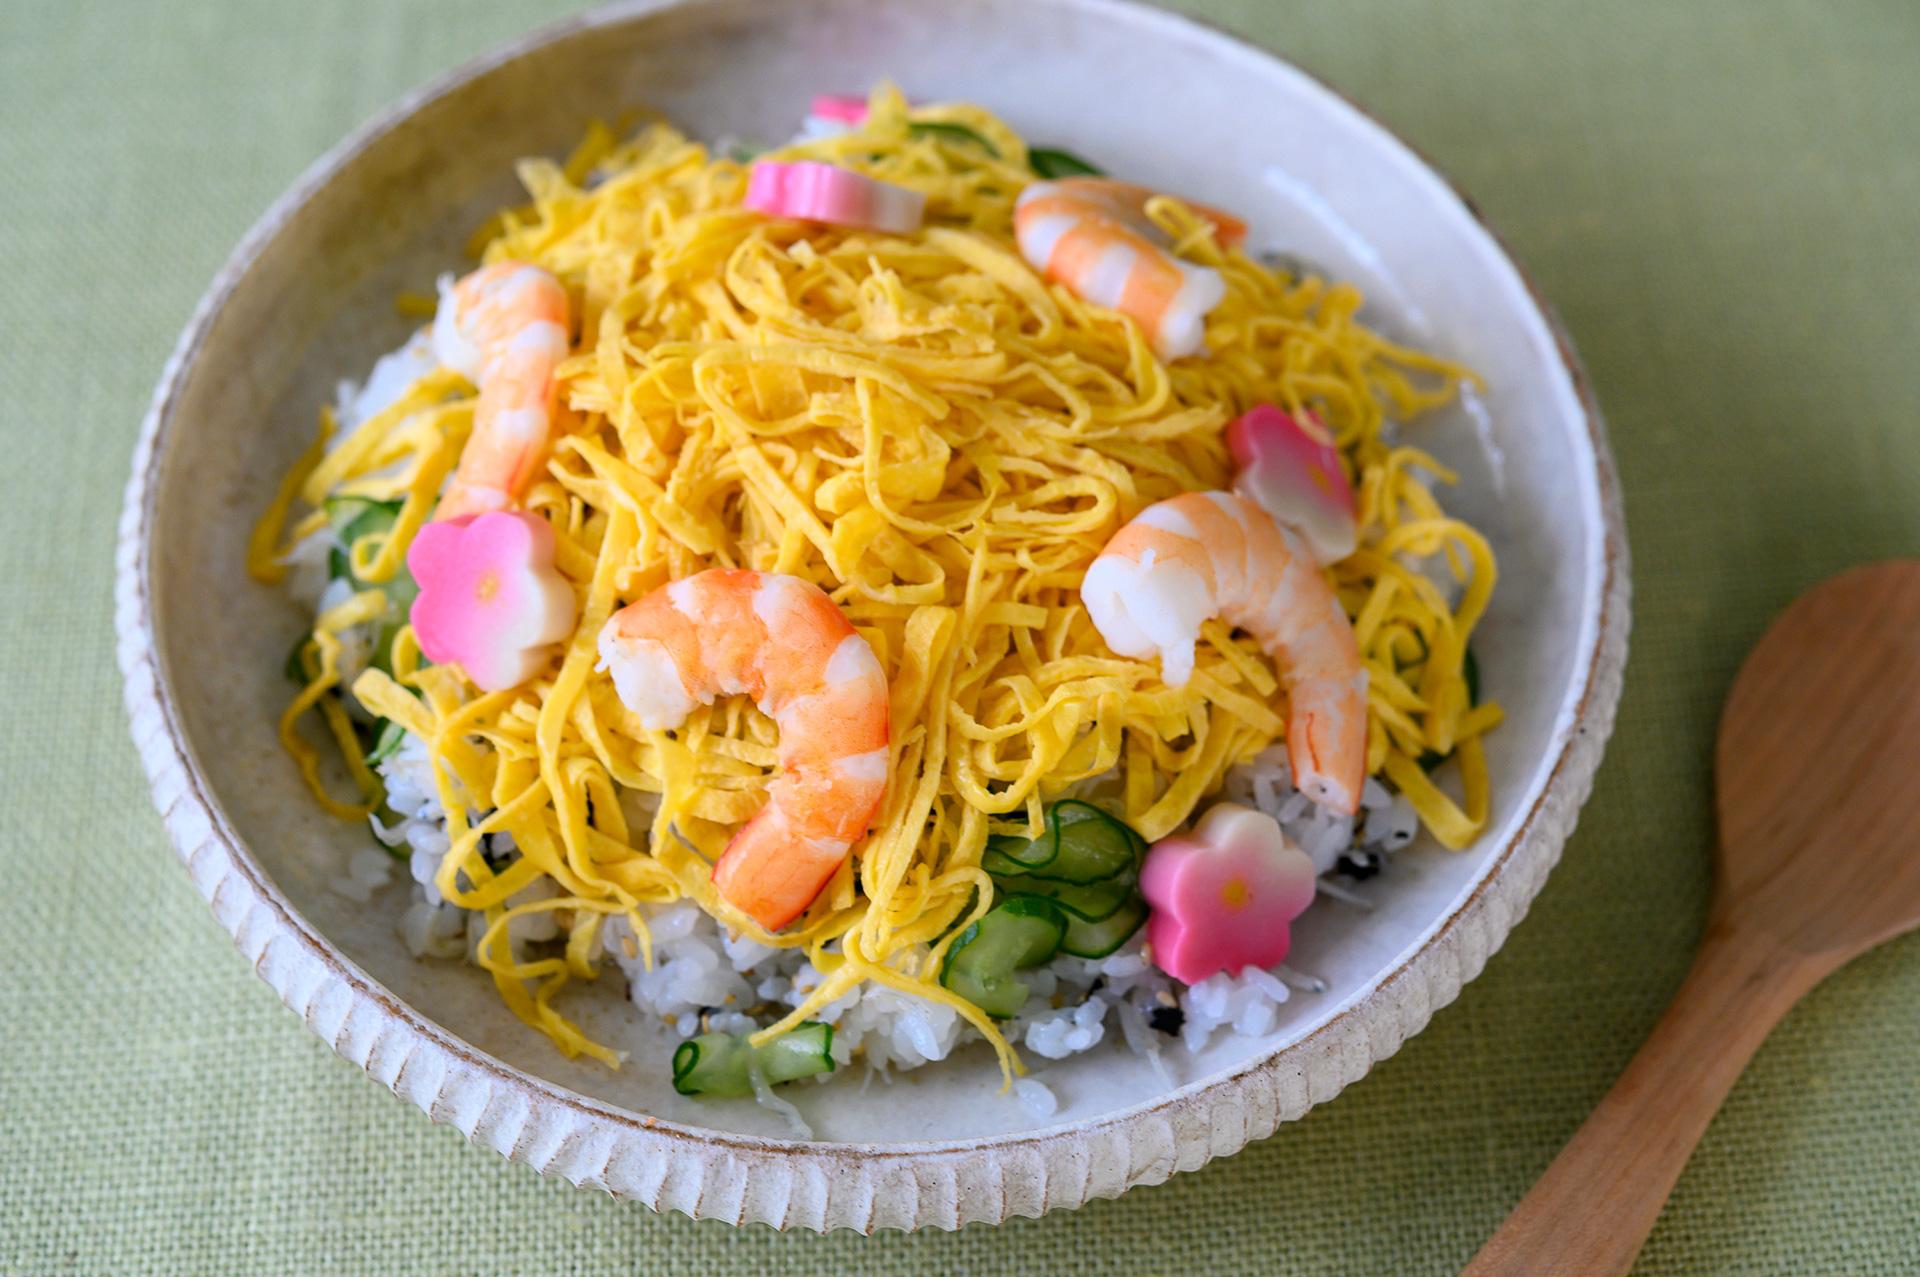 ていねいに作る「錦糸卵」と簡単華やか「ちらし寿司」